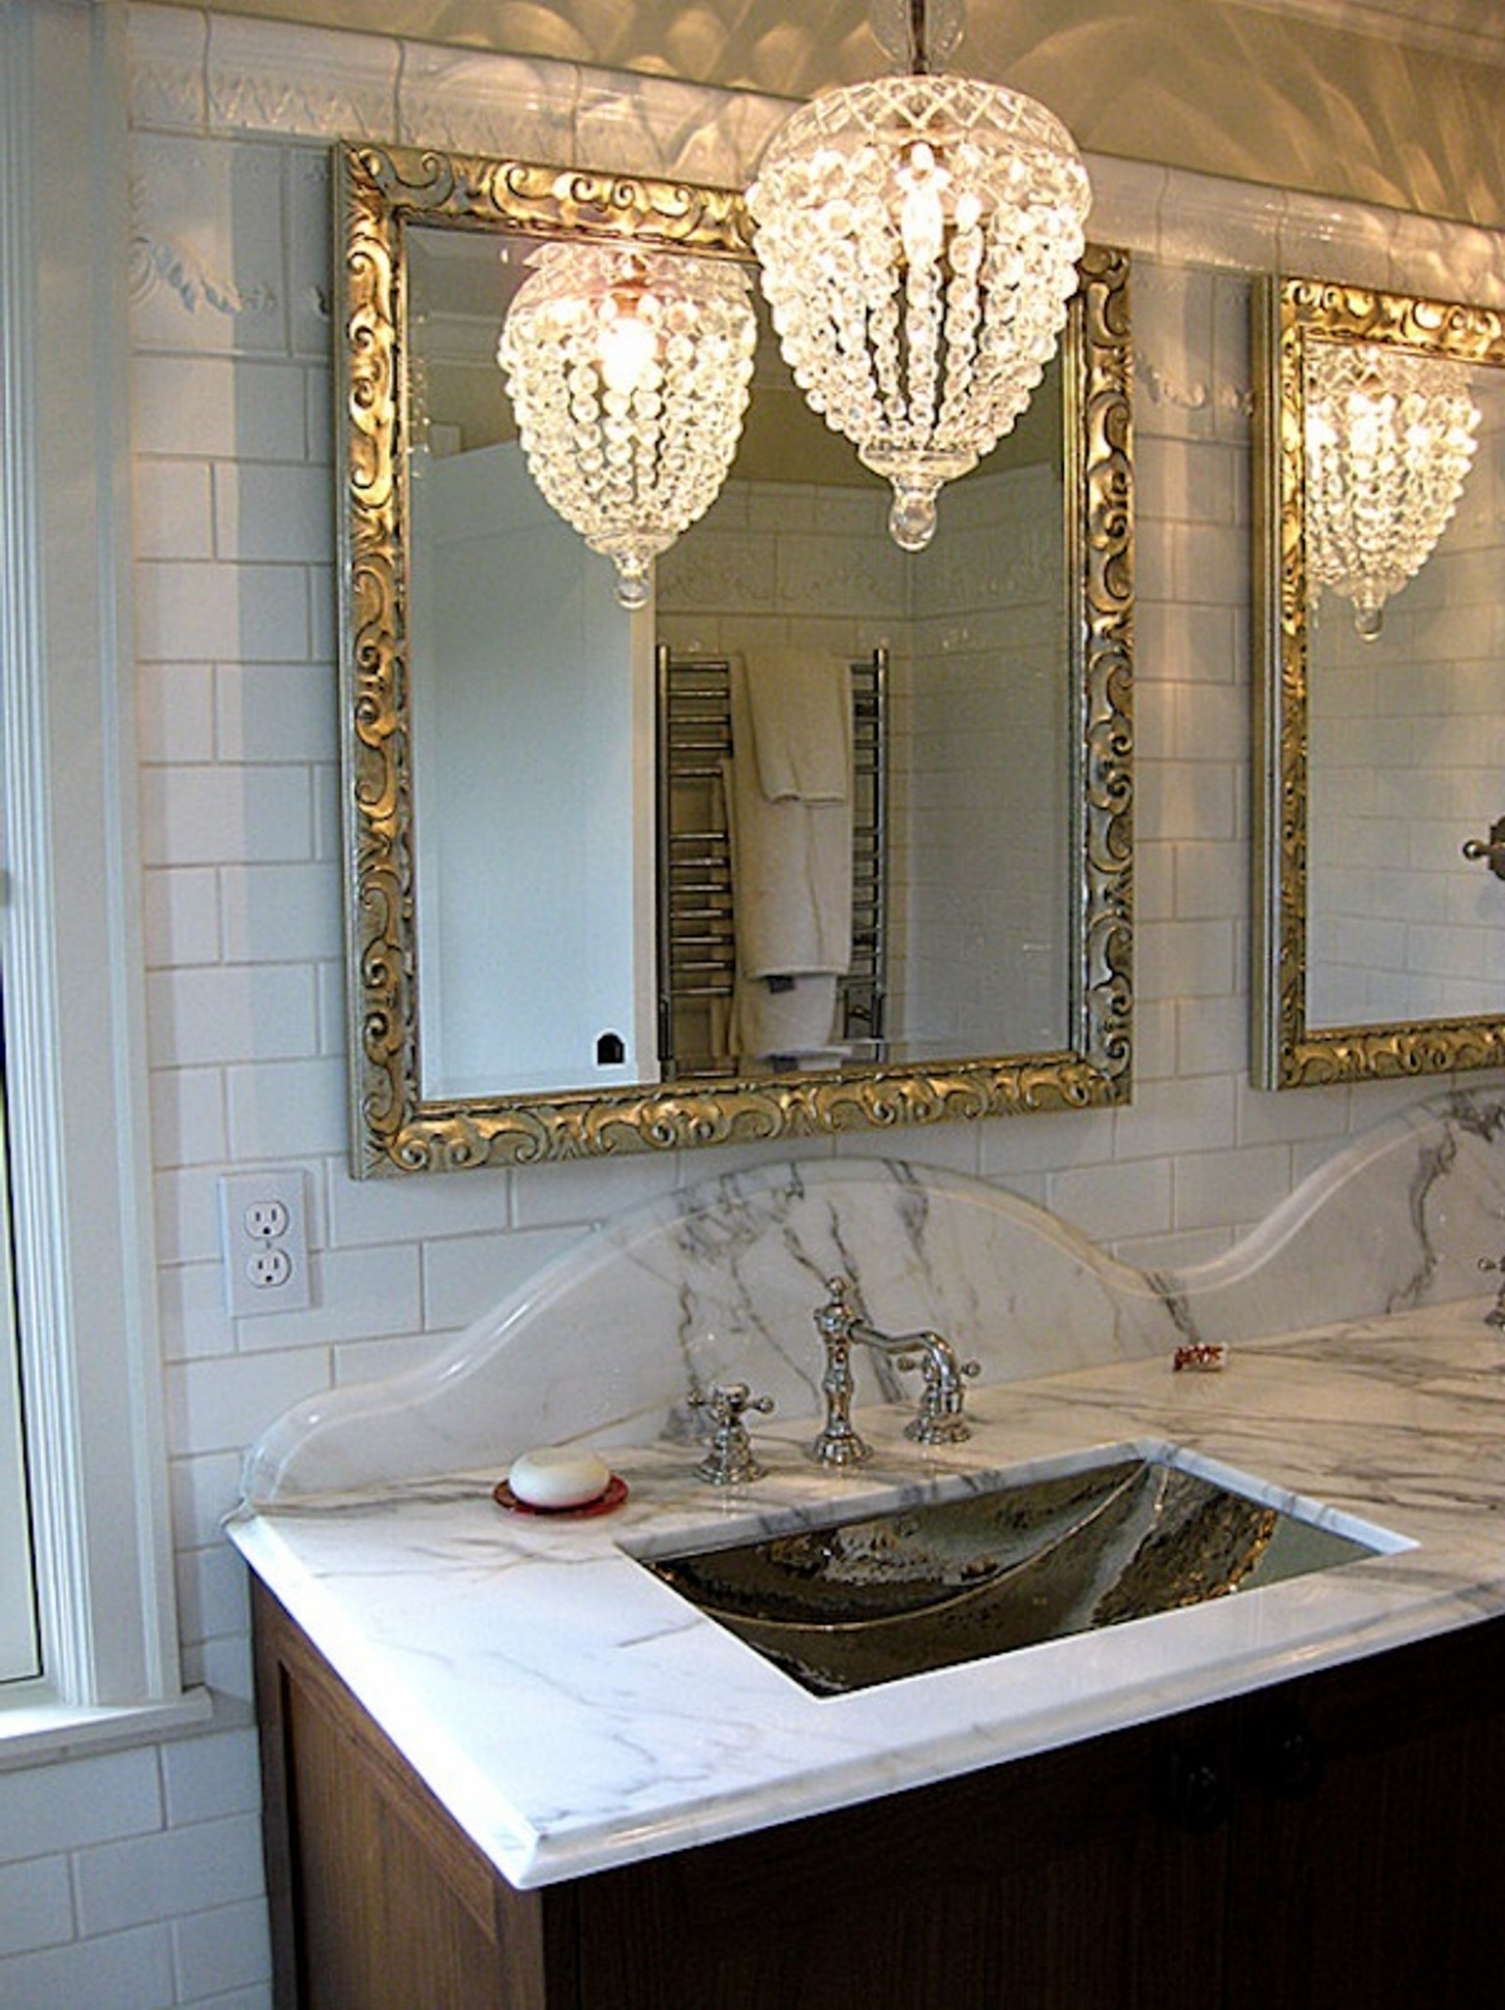 Chandelier ~ Bathrooms Design : Modern Bathroom Light Fixtures Home Regarding 2018 Modern Bathroom Chandelier Lighting (View 3 of 20)